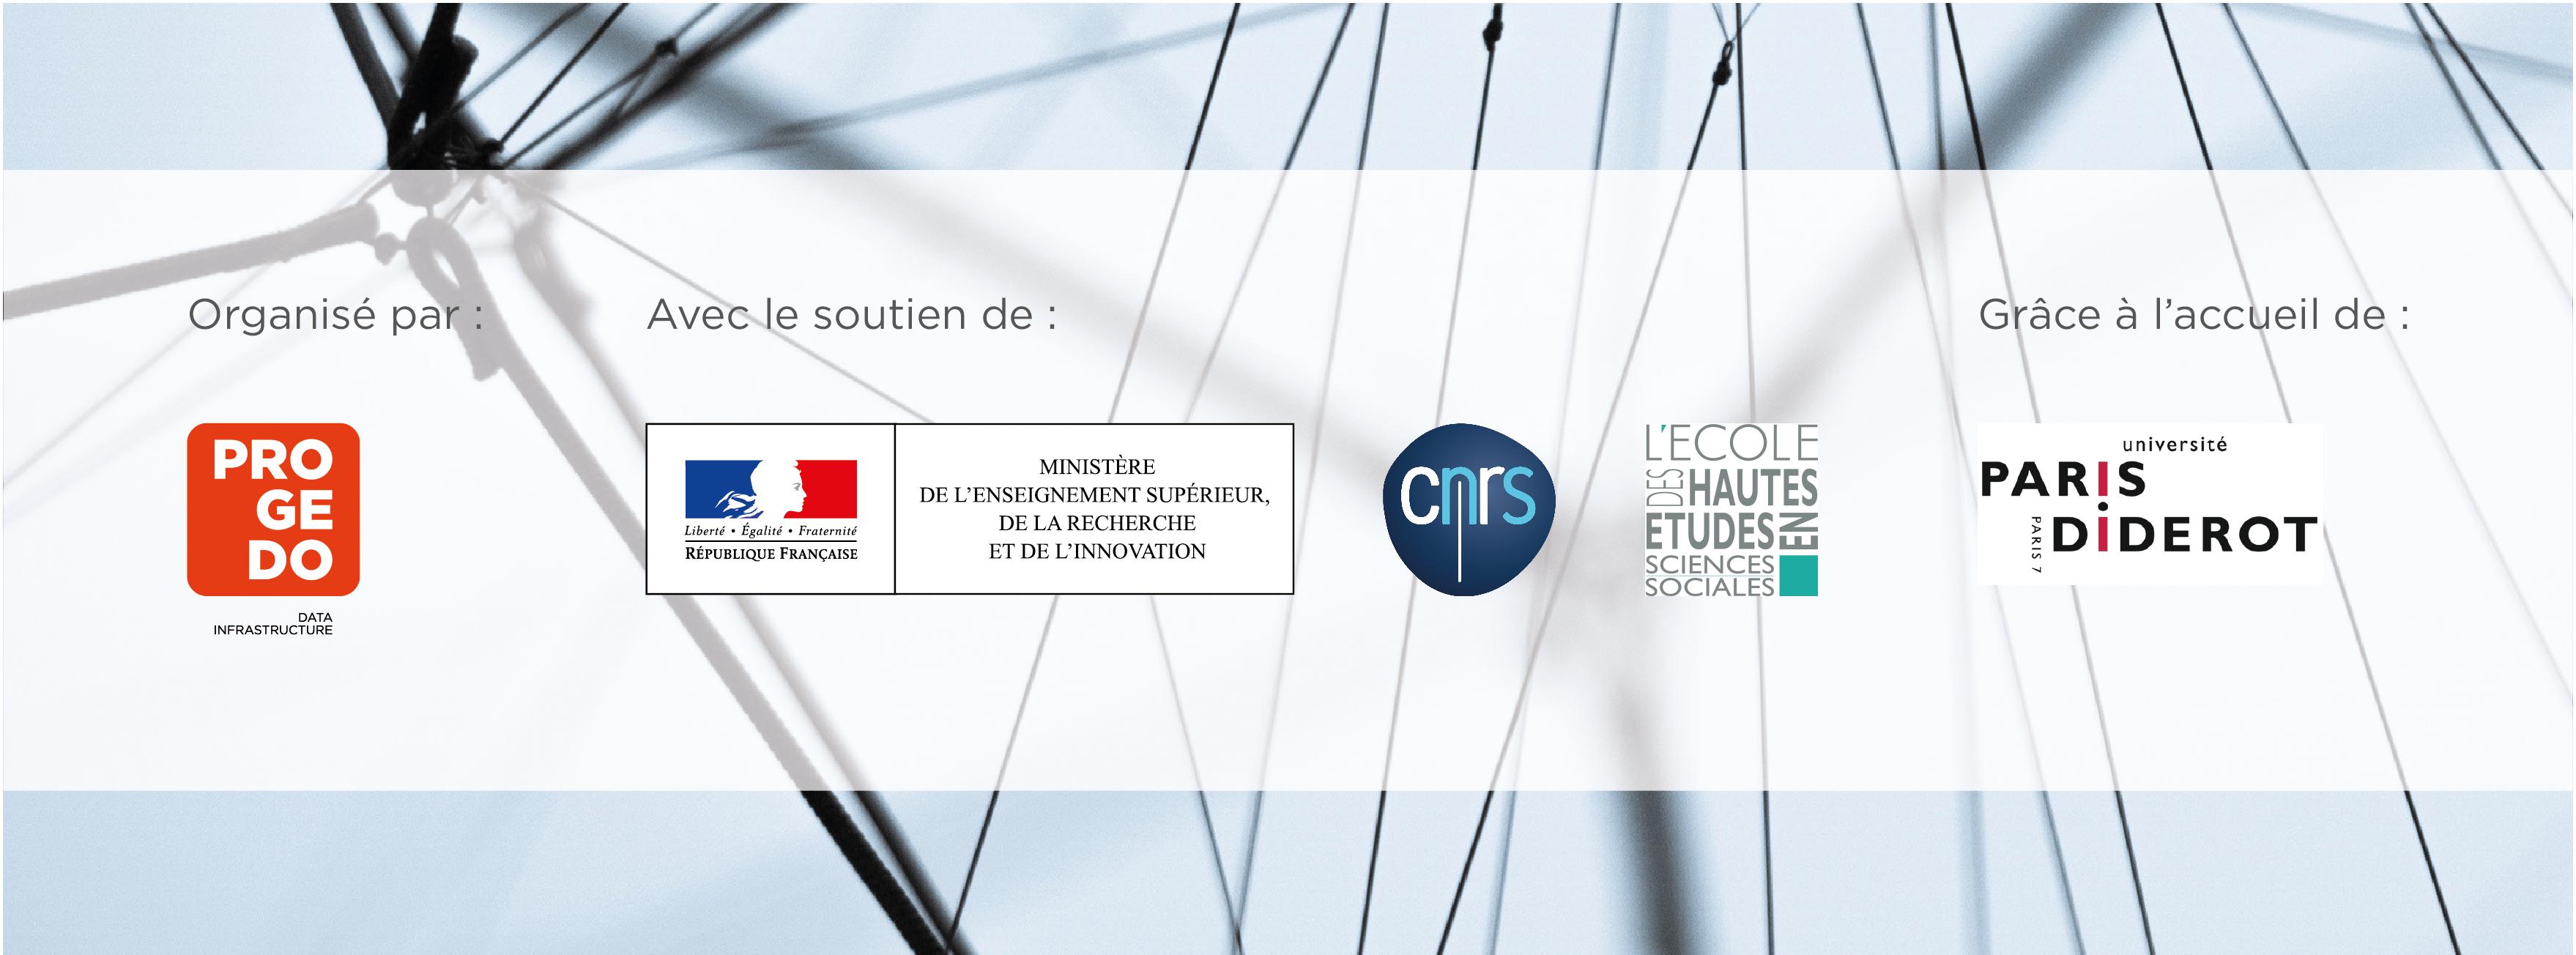 Organisé par la TGIR PROGEDO, avec le soutien du Ministère de l'Enseignement Supérieur de la Recherche et de l'Innovation, du CNRS et de l'EHESS